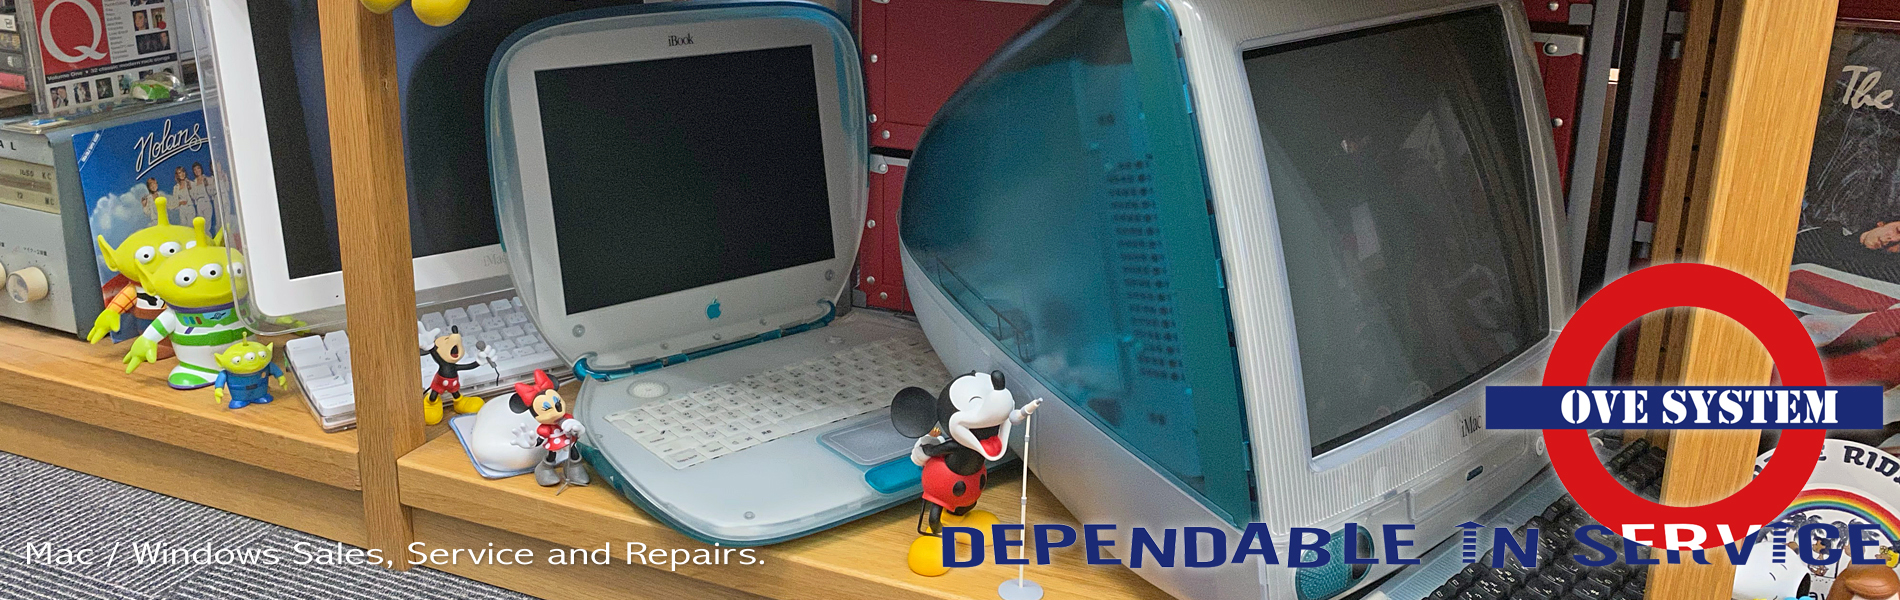 iPhone(アイフォン)修理はダブ・システム|DOVE SYSTEMで!